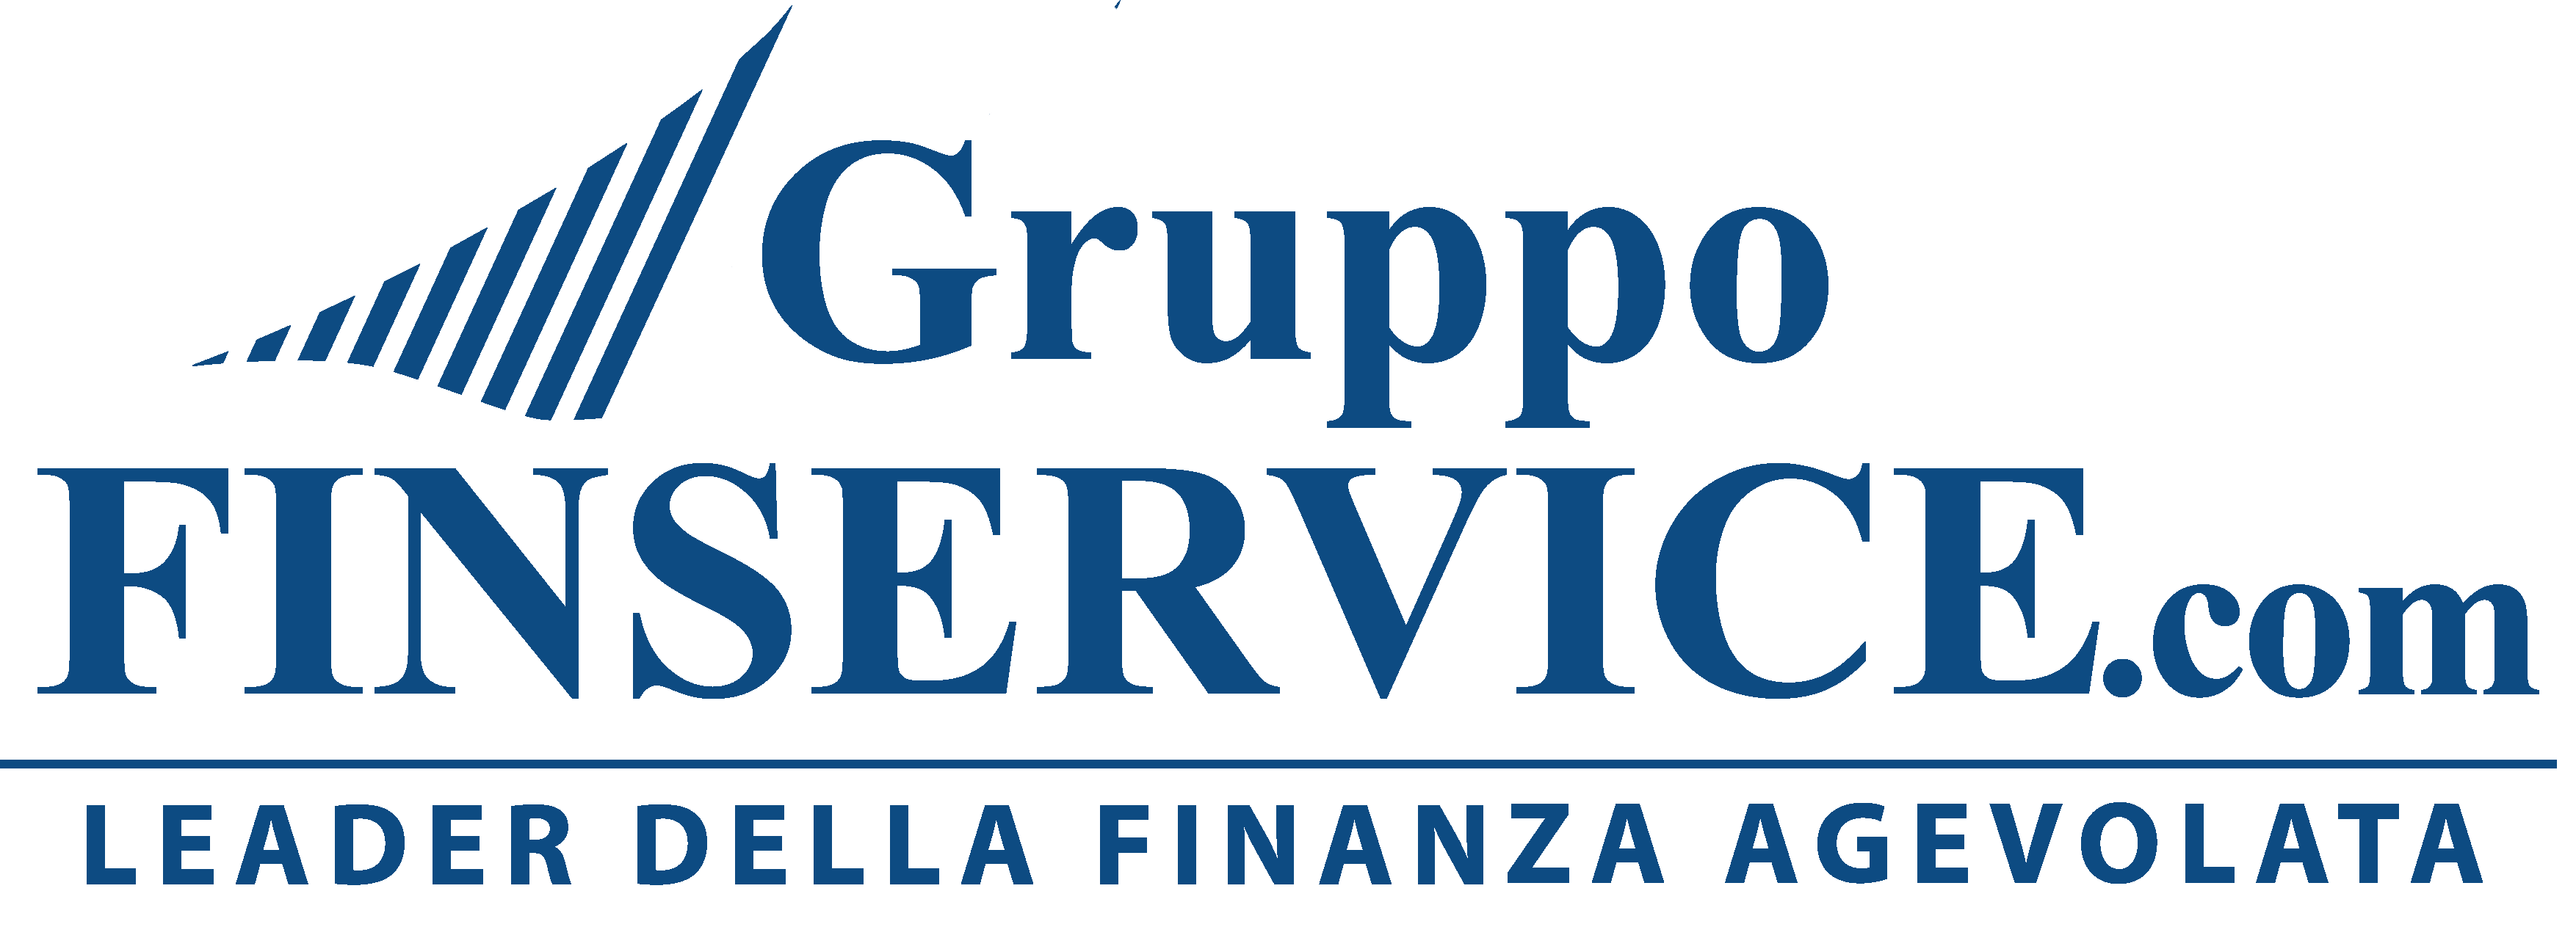 Bonification du crédit d'impôt pour l'assainissement nécessaire au redémarrage - Euro 2020